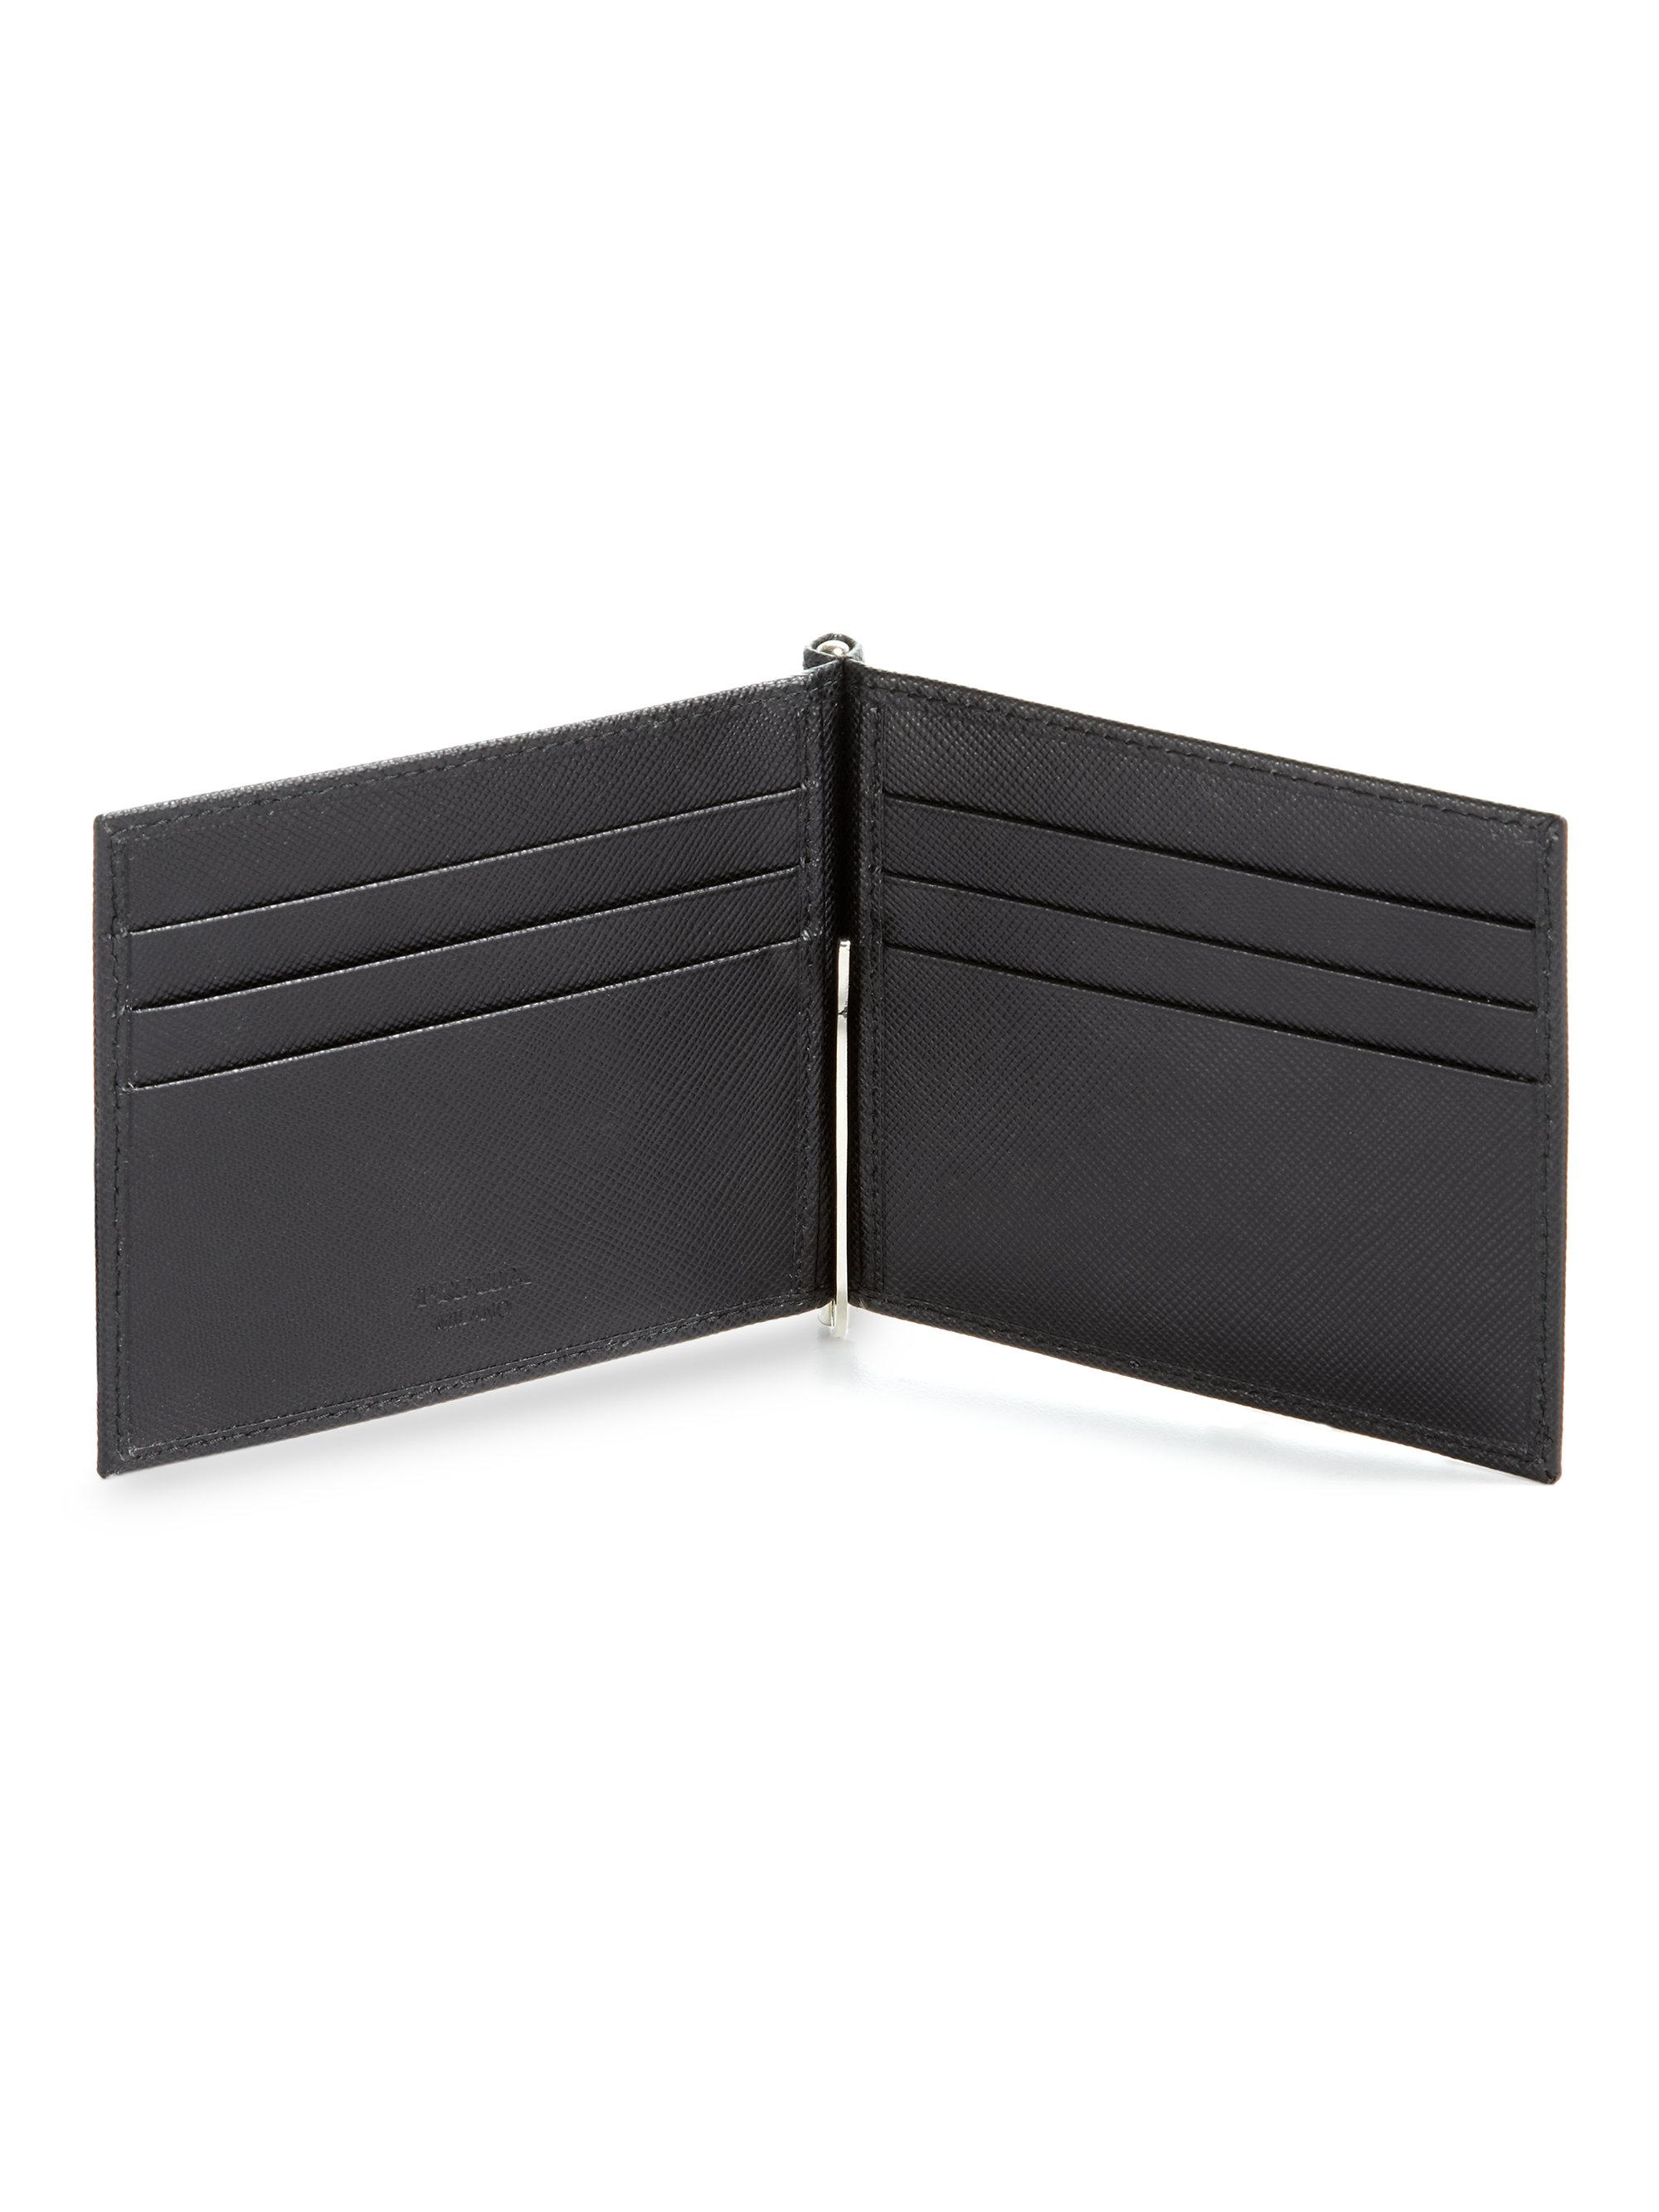 b3cec00e7a12 Prada Saffiano Money Clip Wallet in Black for Men - Lyst